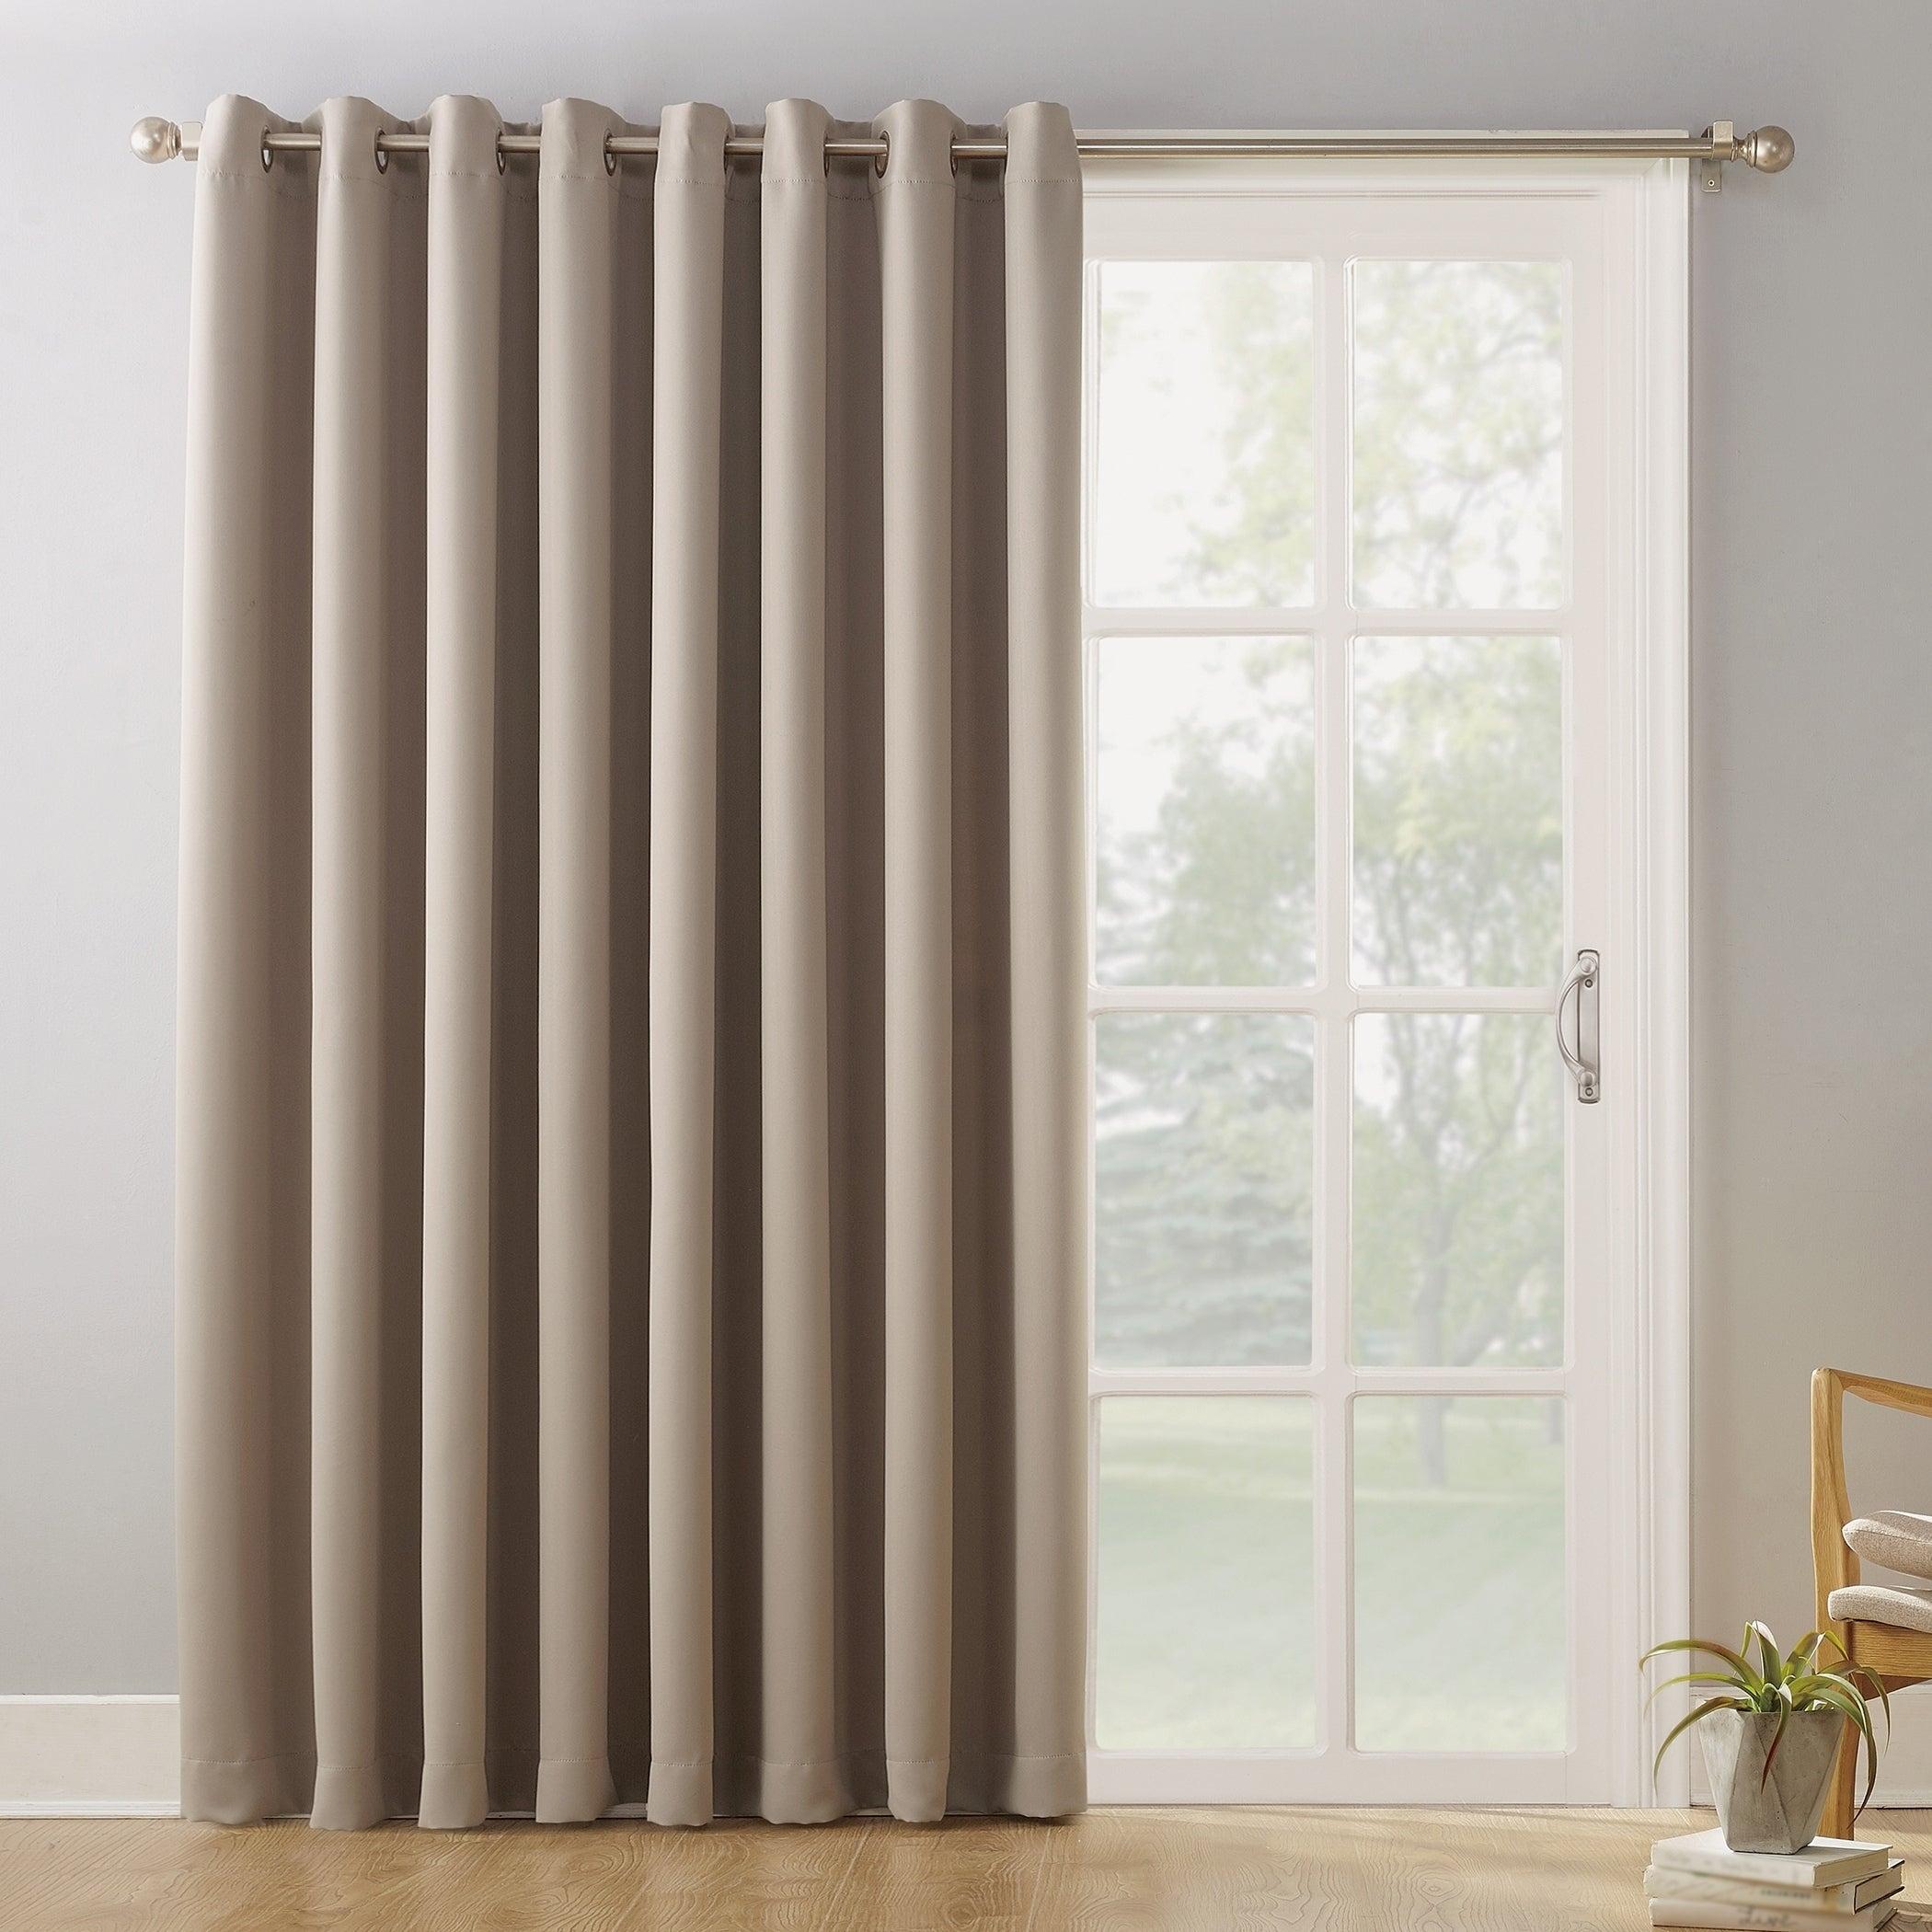 Details About Sun Zero Hayden Grommet Blackout Patio Door Window Curtain With Hayden Grommet Blackout Single Curtain Panels (View 16 of 20)